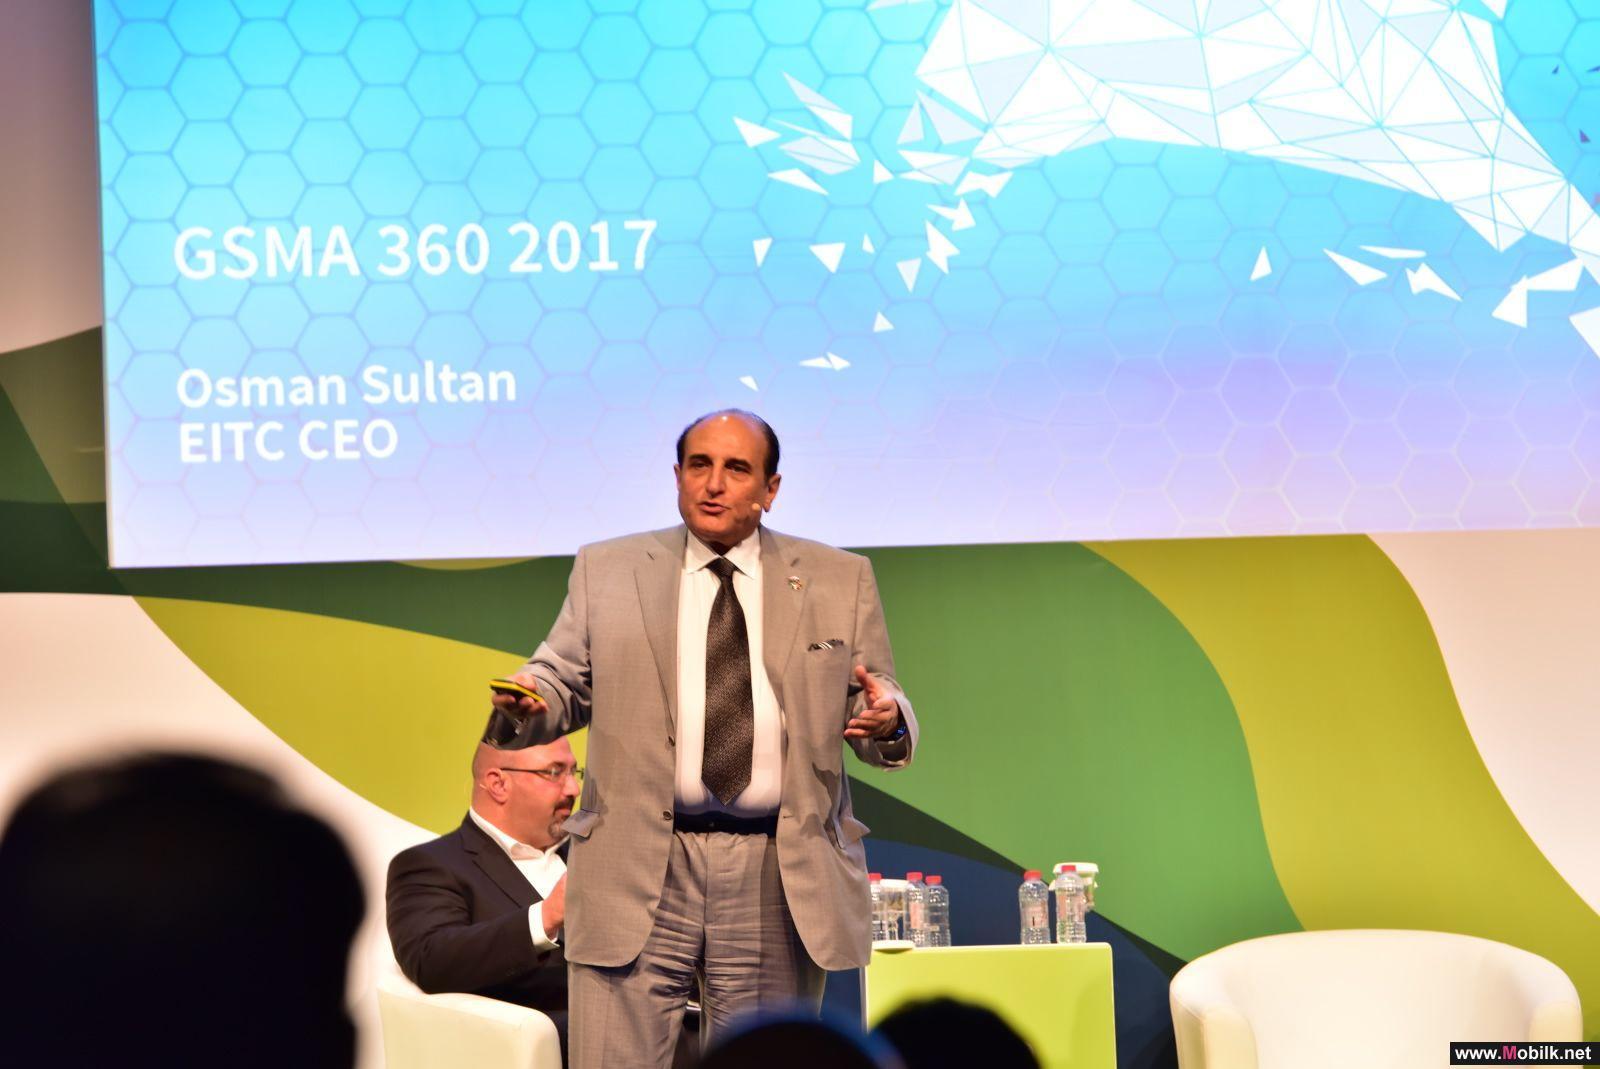 عثمان سلطان يناقش دور شركات الاتصال في مواكبة متطلبات المستقبل الذكي خلال مؤتمر الجمعية الدولية لشبكات الهاتف المحمول GSMA Mobile 360